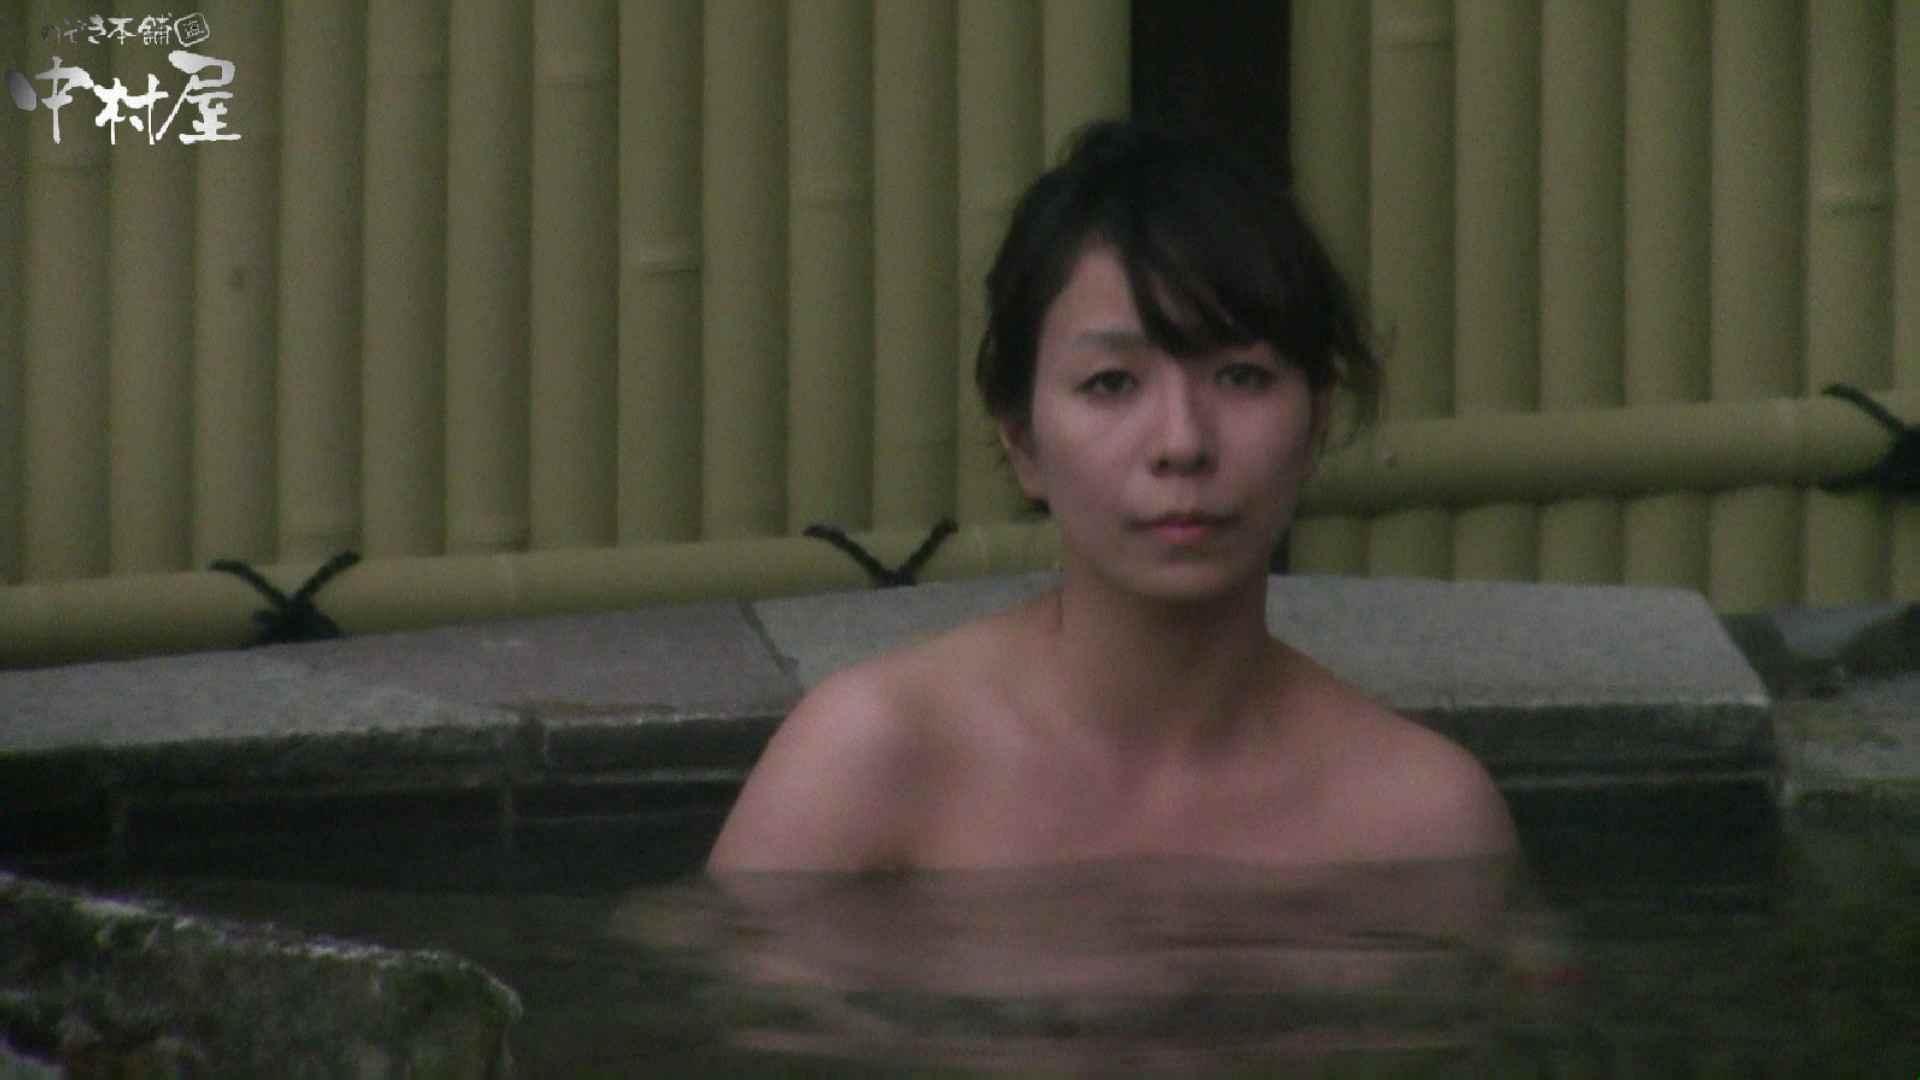 Aquaな露天風呂Vol.930 露天   盗撮  72pic 11